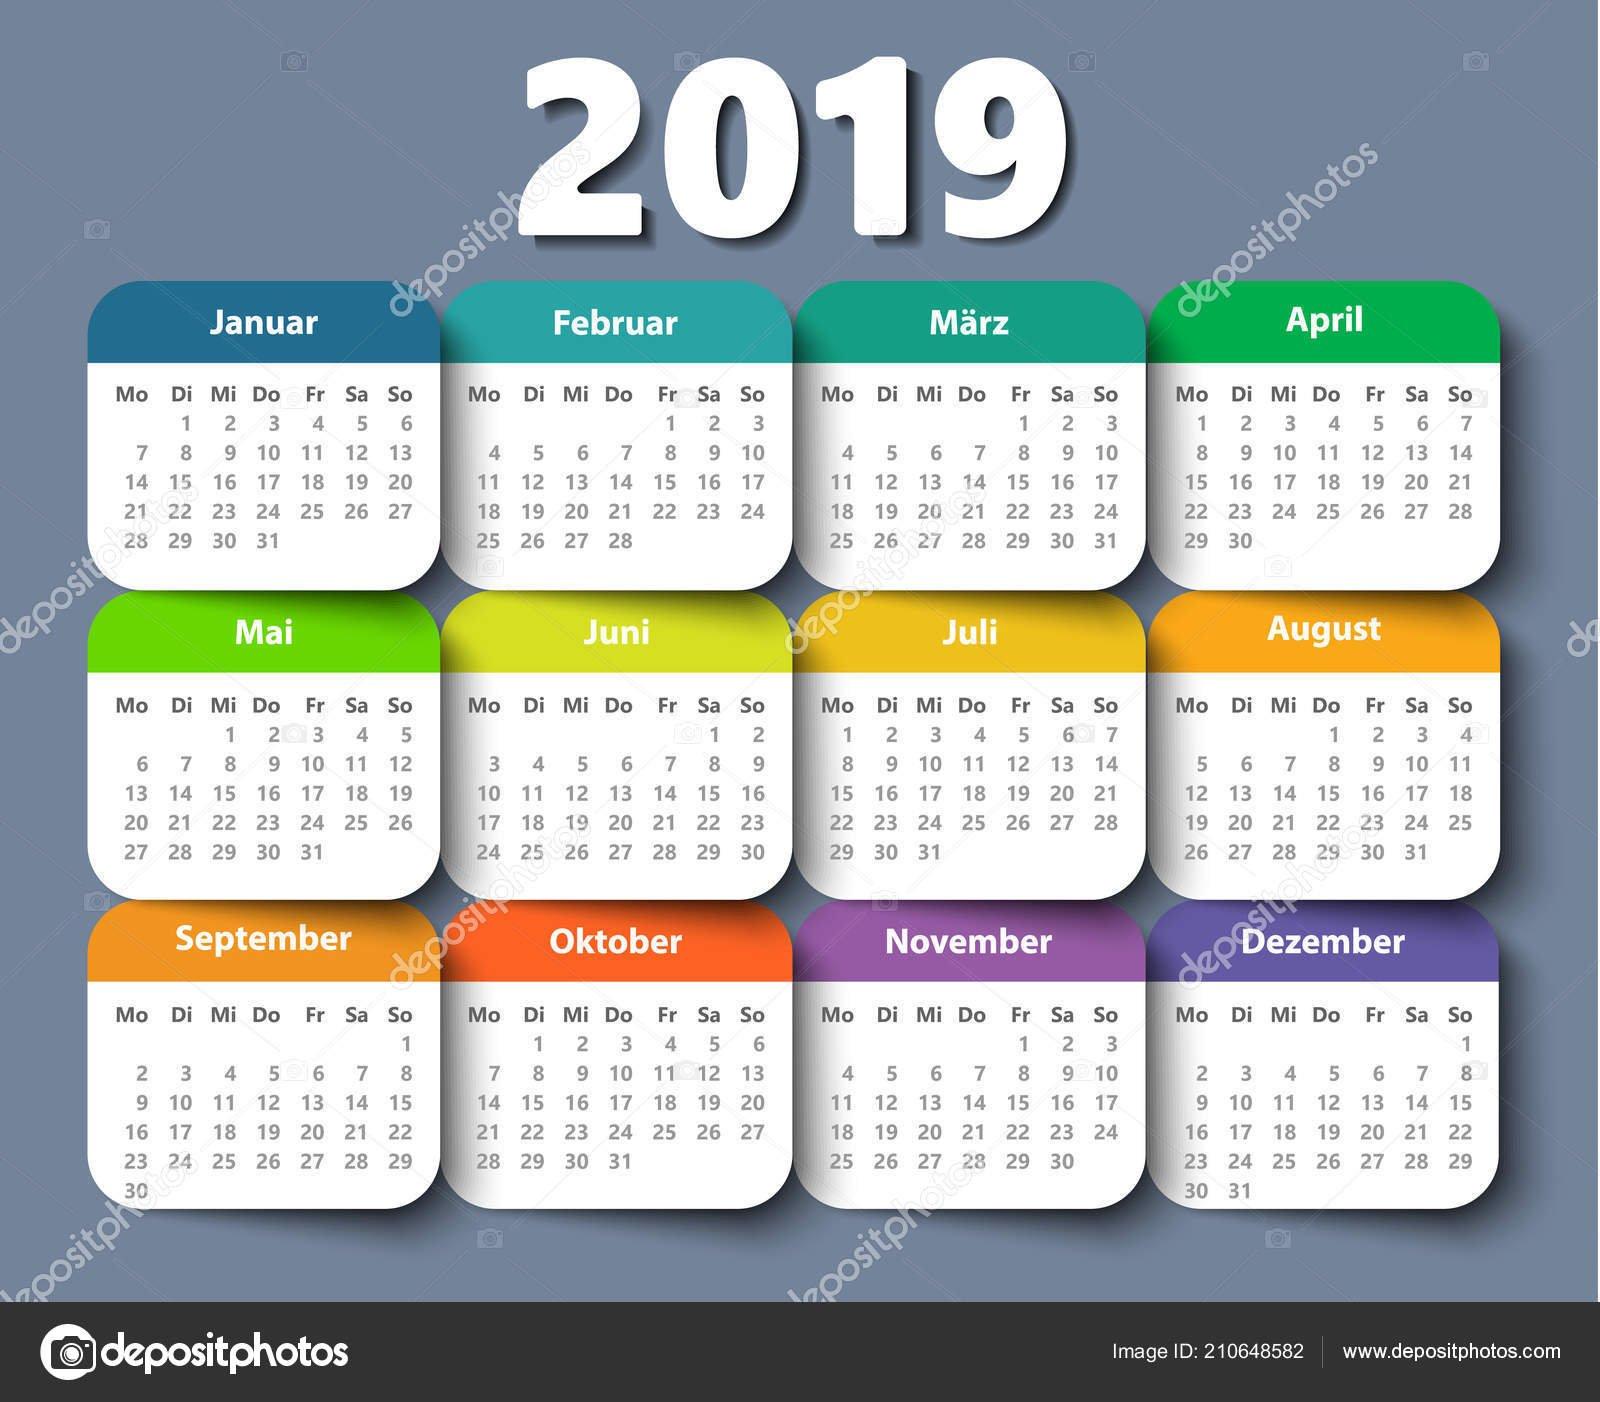 Calendar 2018 Year German. Week Starting On Monday — Stock Vector Calendar 2019 Germany Week Numbers